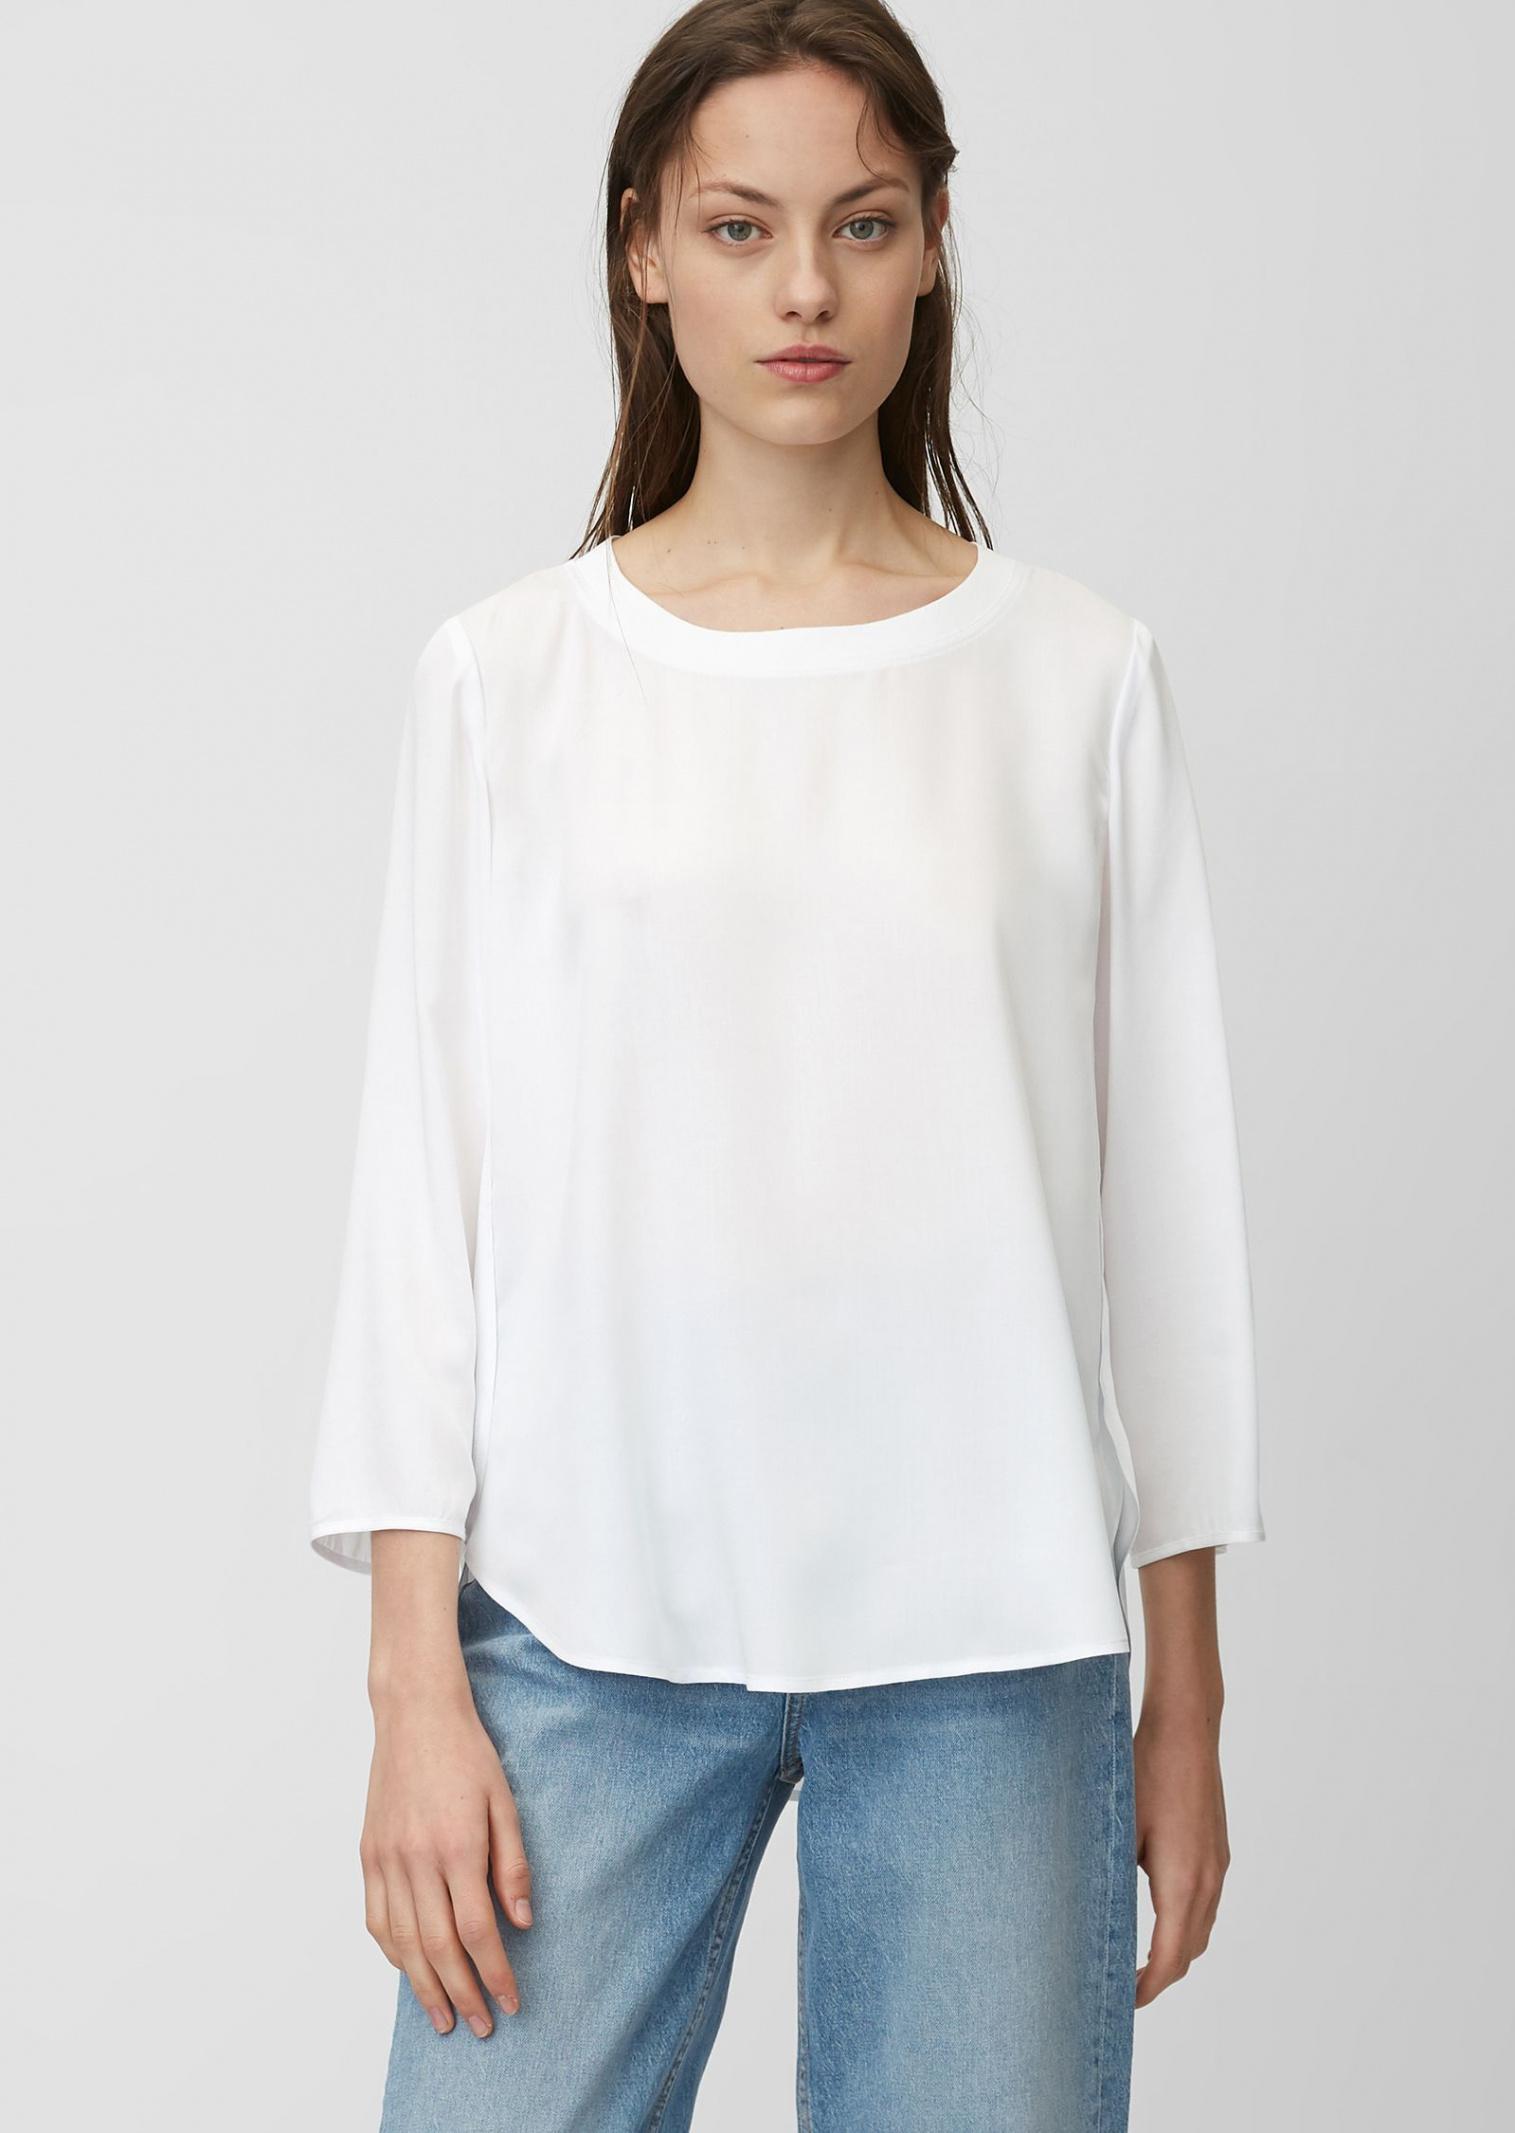 Блуза женские MARC O'POLO модель PF3982 купить, 2017